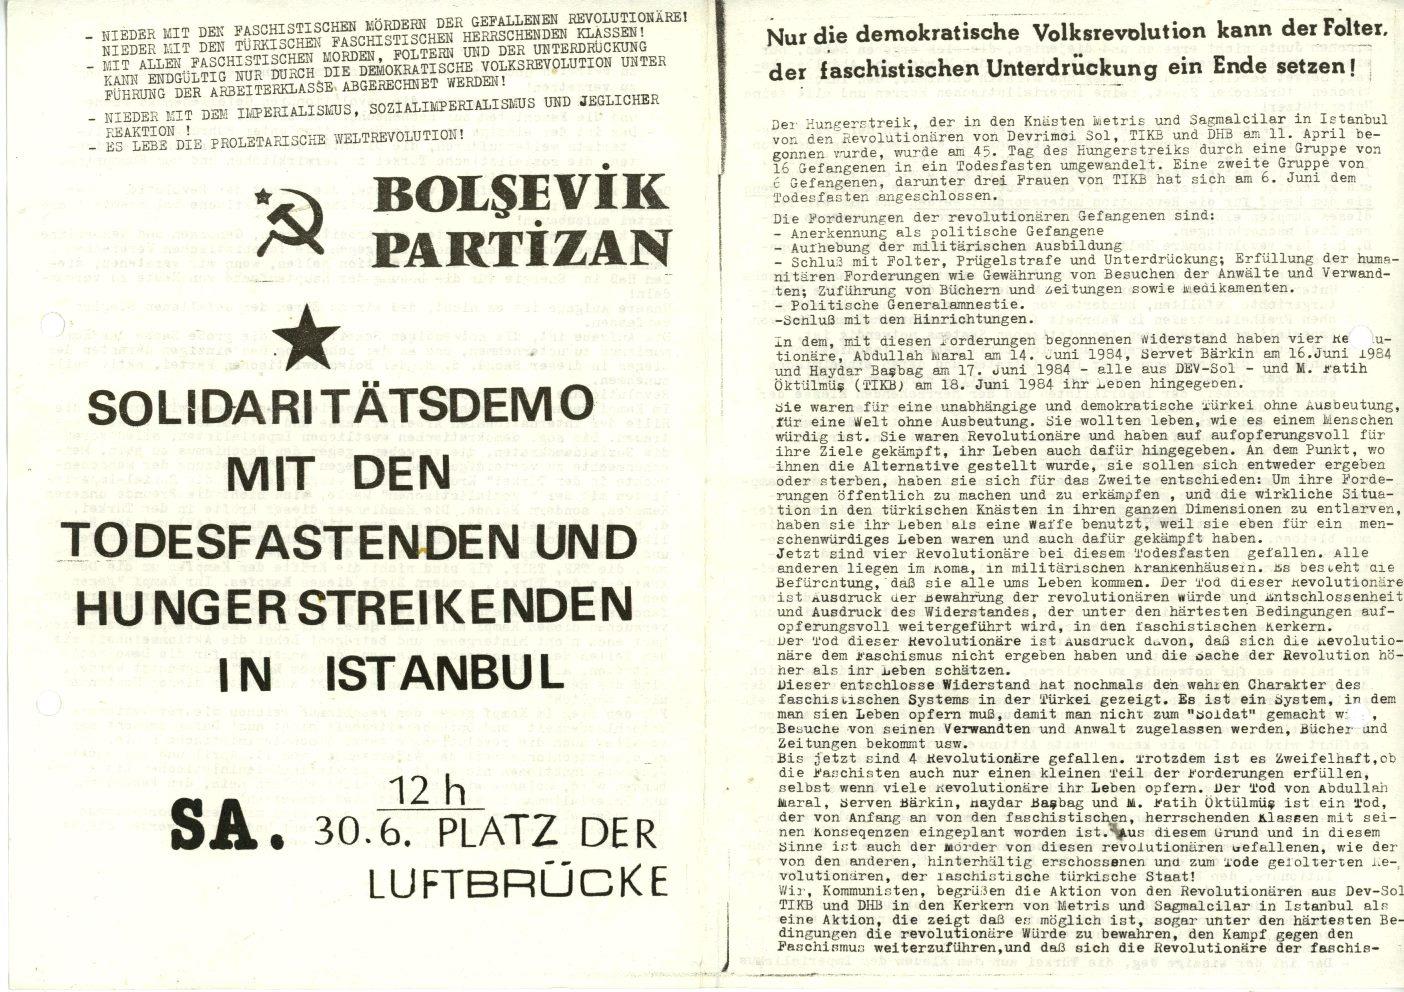 Tuerkei_Bolsevik_Partizan_Flugschriften_1984_04_01